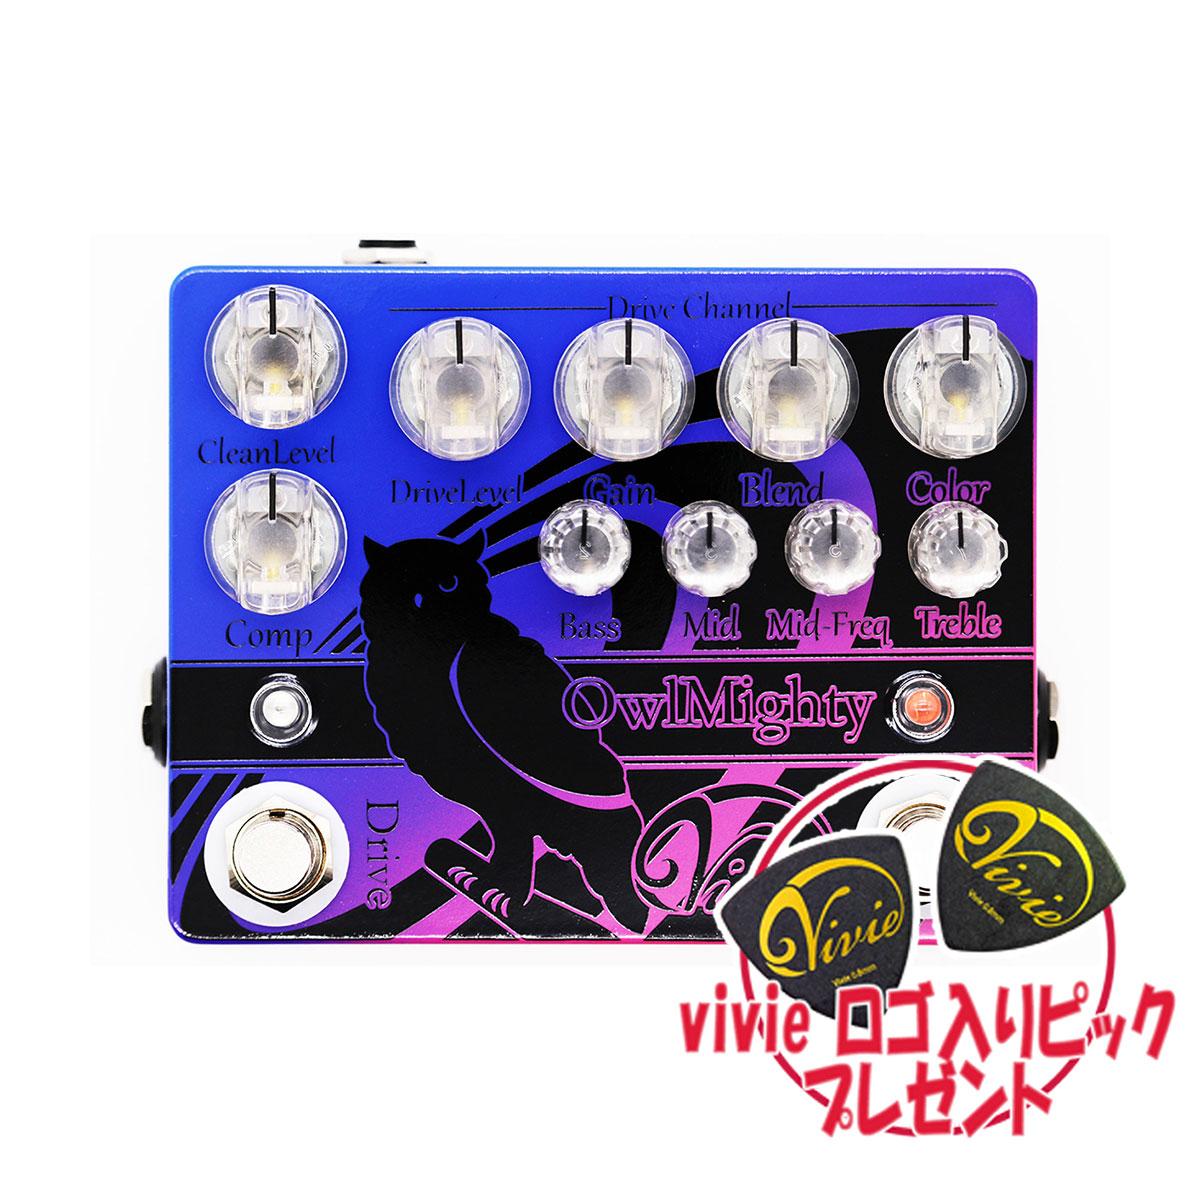 【8/31迄 アダプタープレゼント】 Vivie Owl Mighty ベースプリアンプ 【ヴィヴィ】